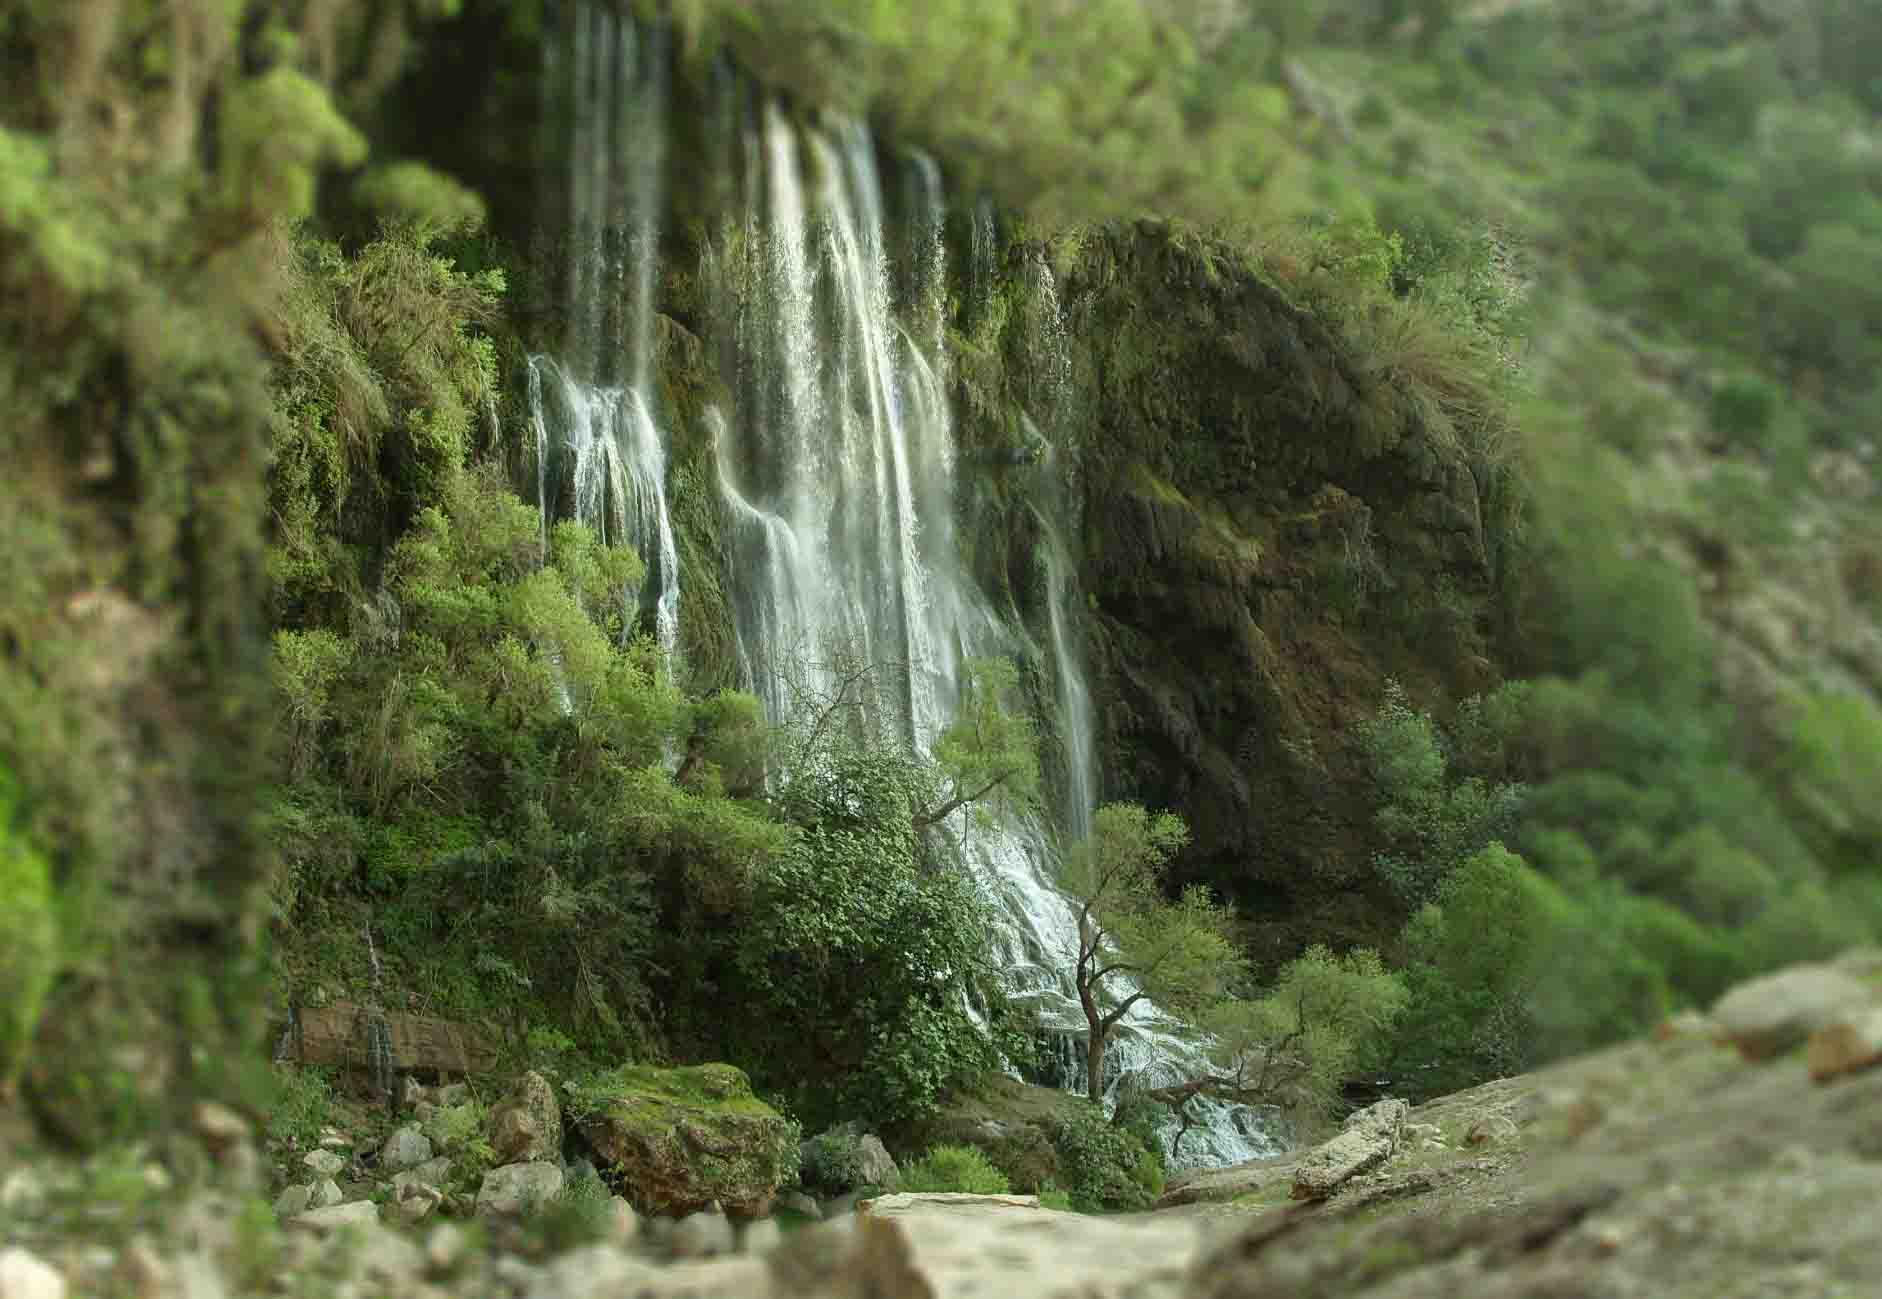 یکصد جاذبه دیدنی در ایران (14)آبشار شِوی-درست مصرف کنیم - آموزش همگانی - آگاهی مصرف